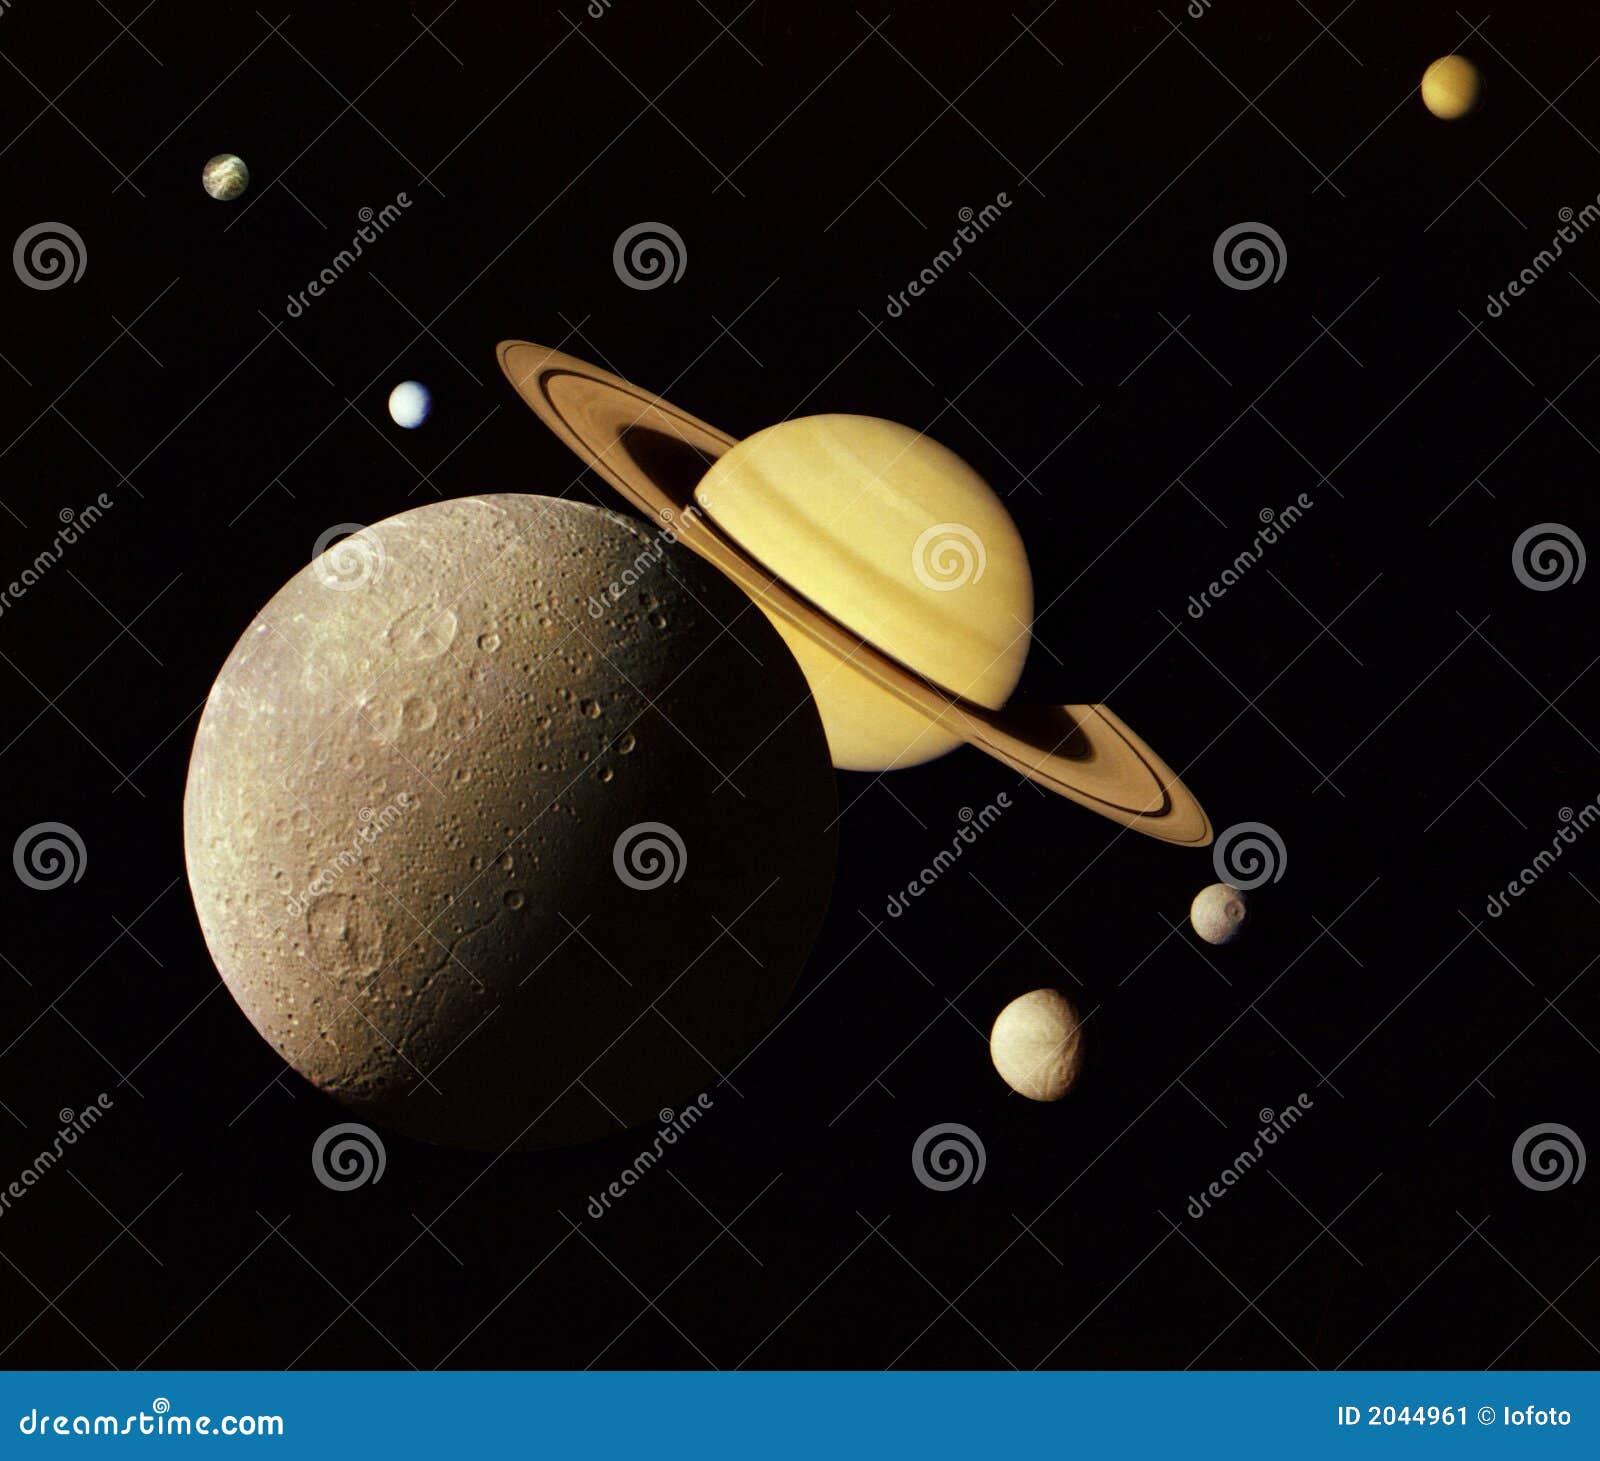 Przestrzeń zewnętrznych planet